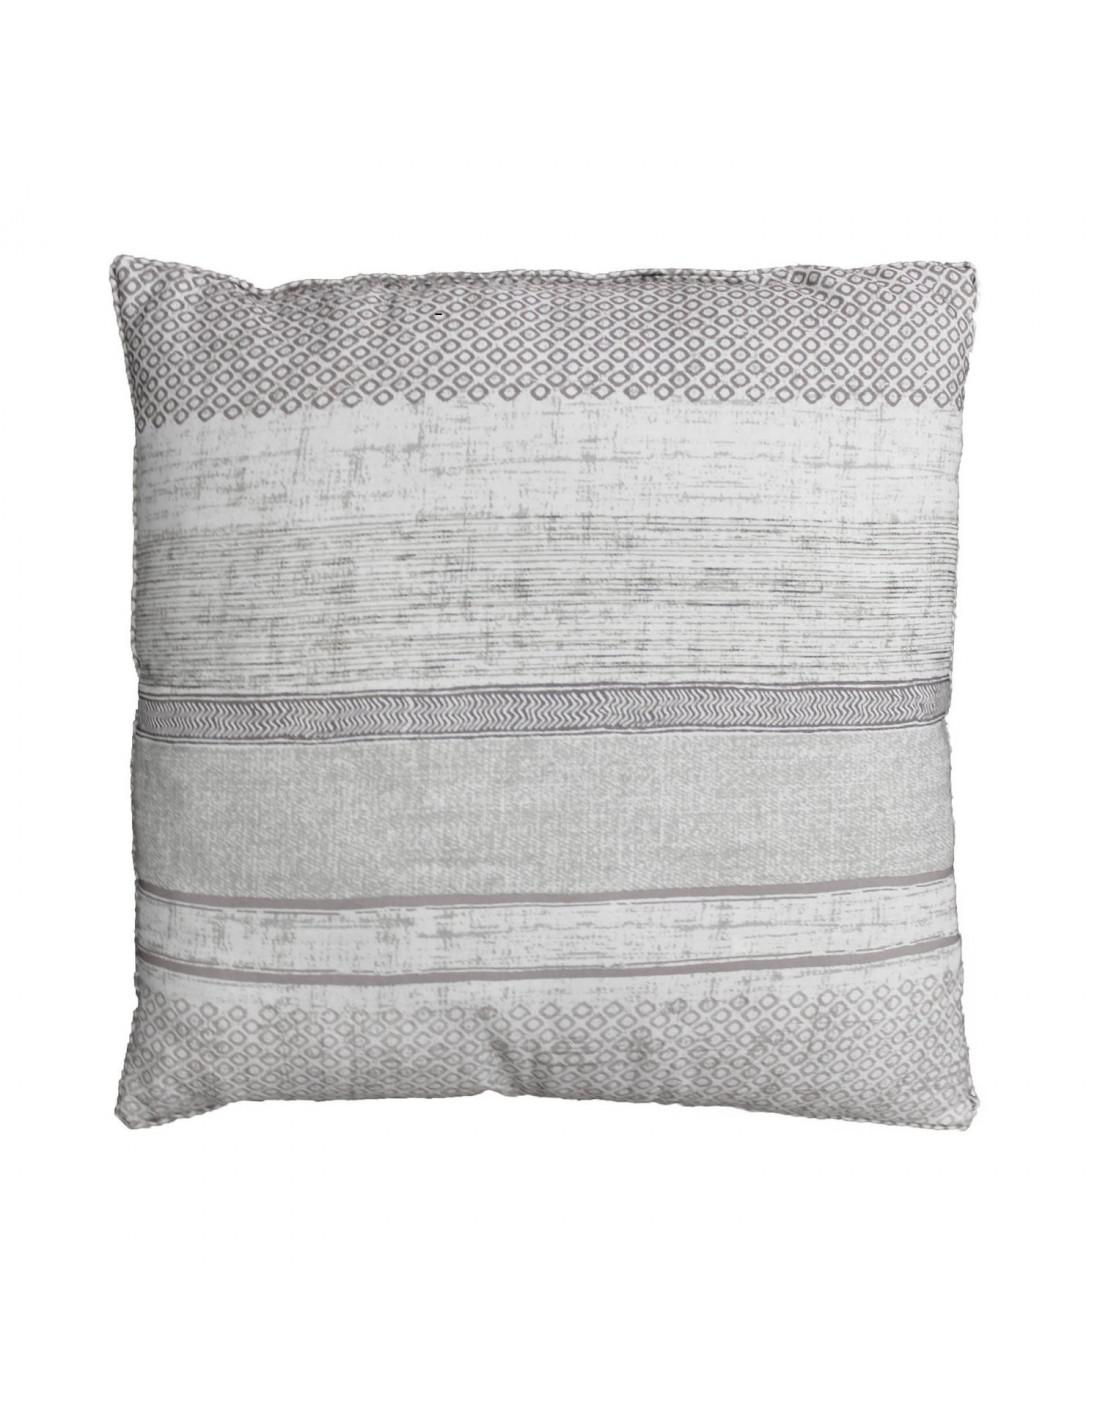 Douceur d 39 interieur coussin panama coton polyester coton - Coussin d interieur ...